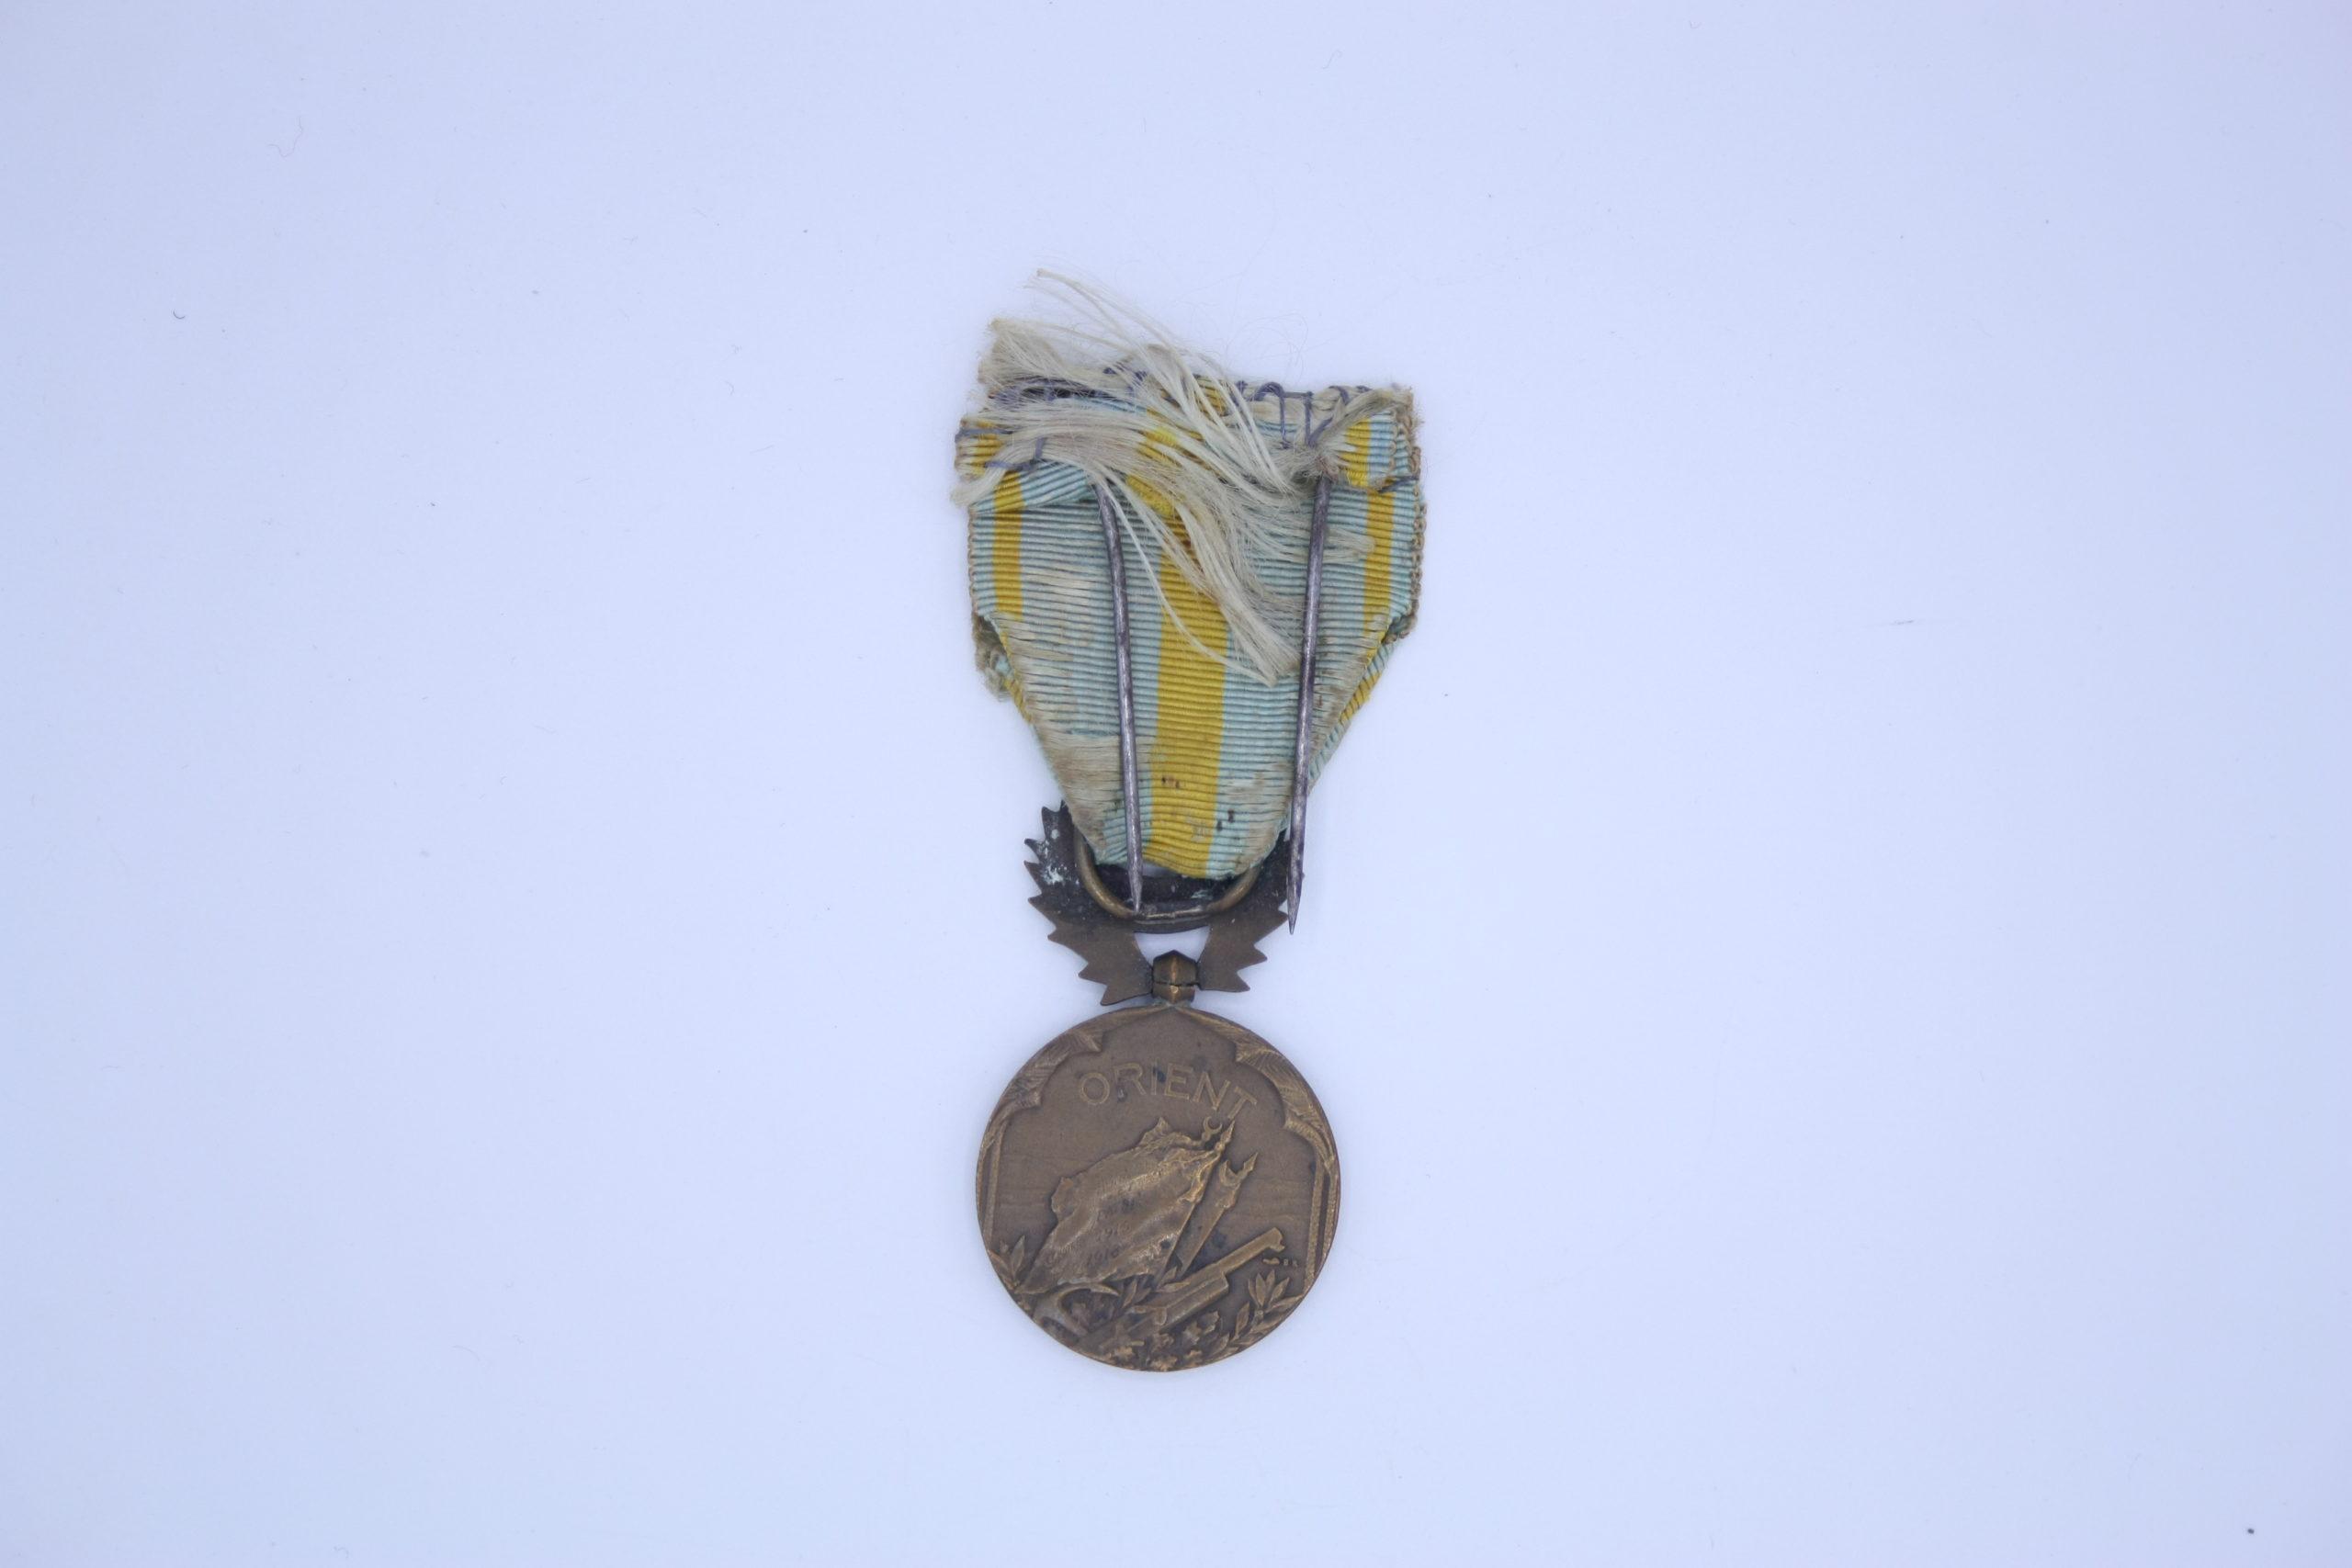 Décoration Française - Médaille du Moyen-Orient